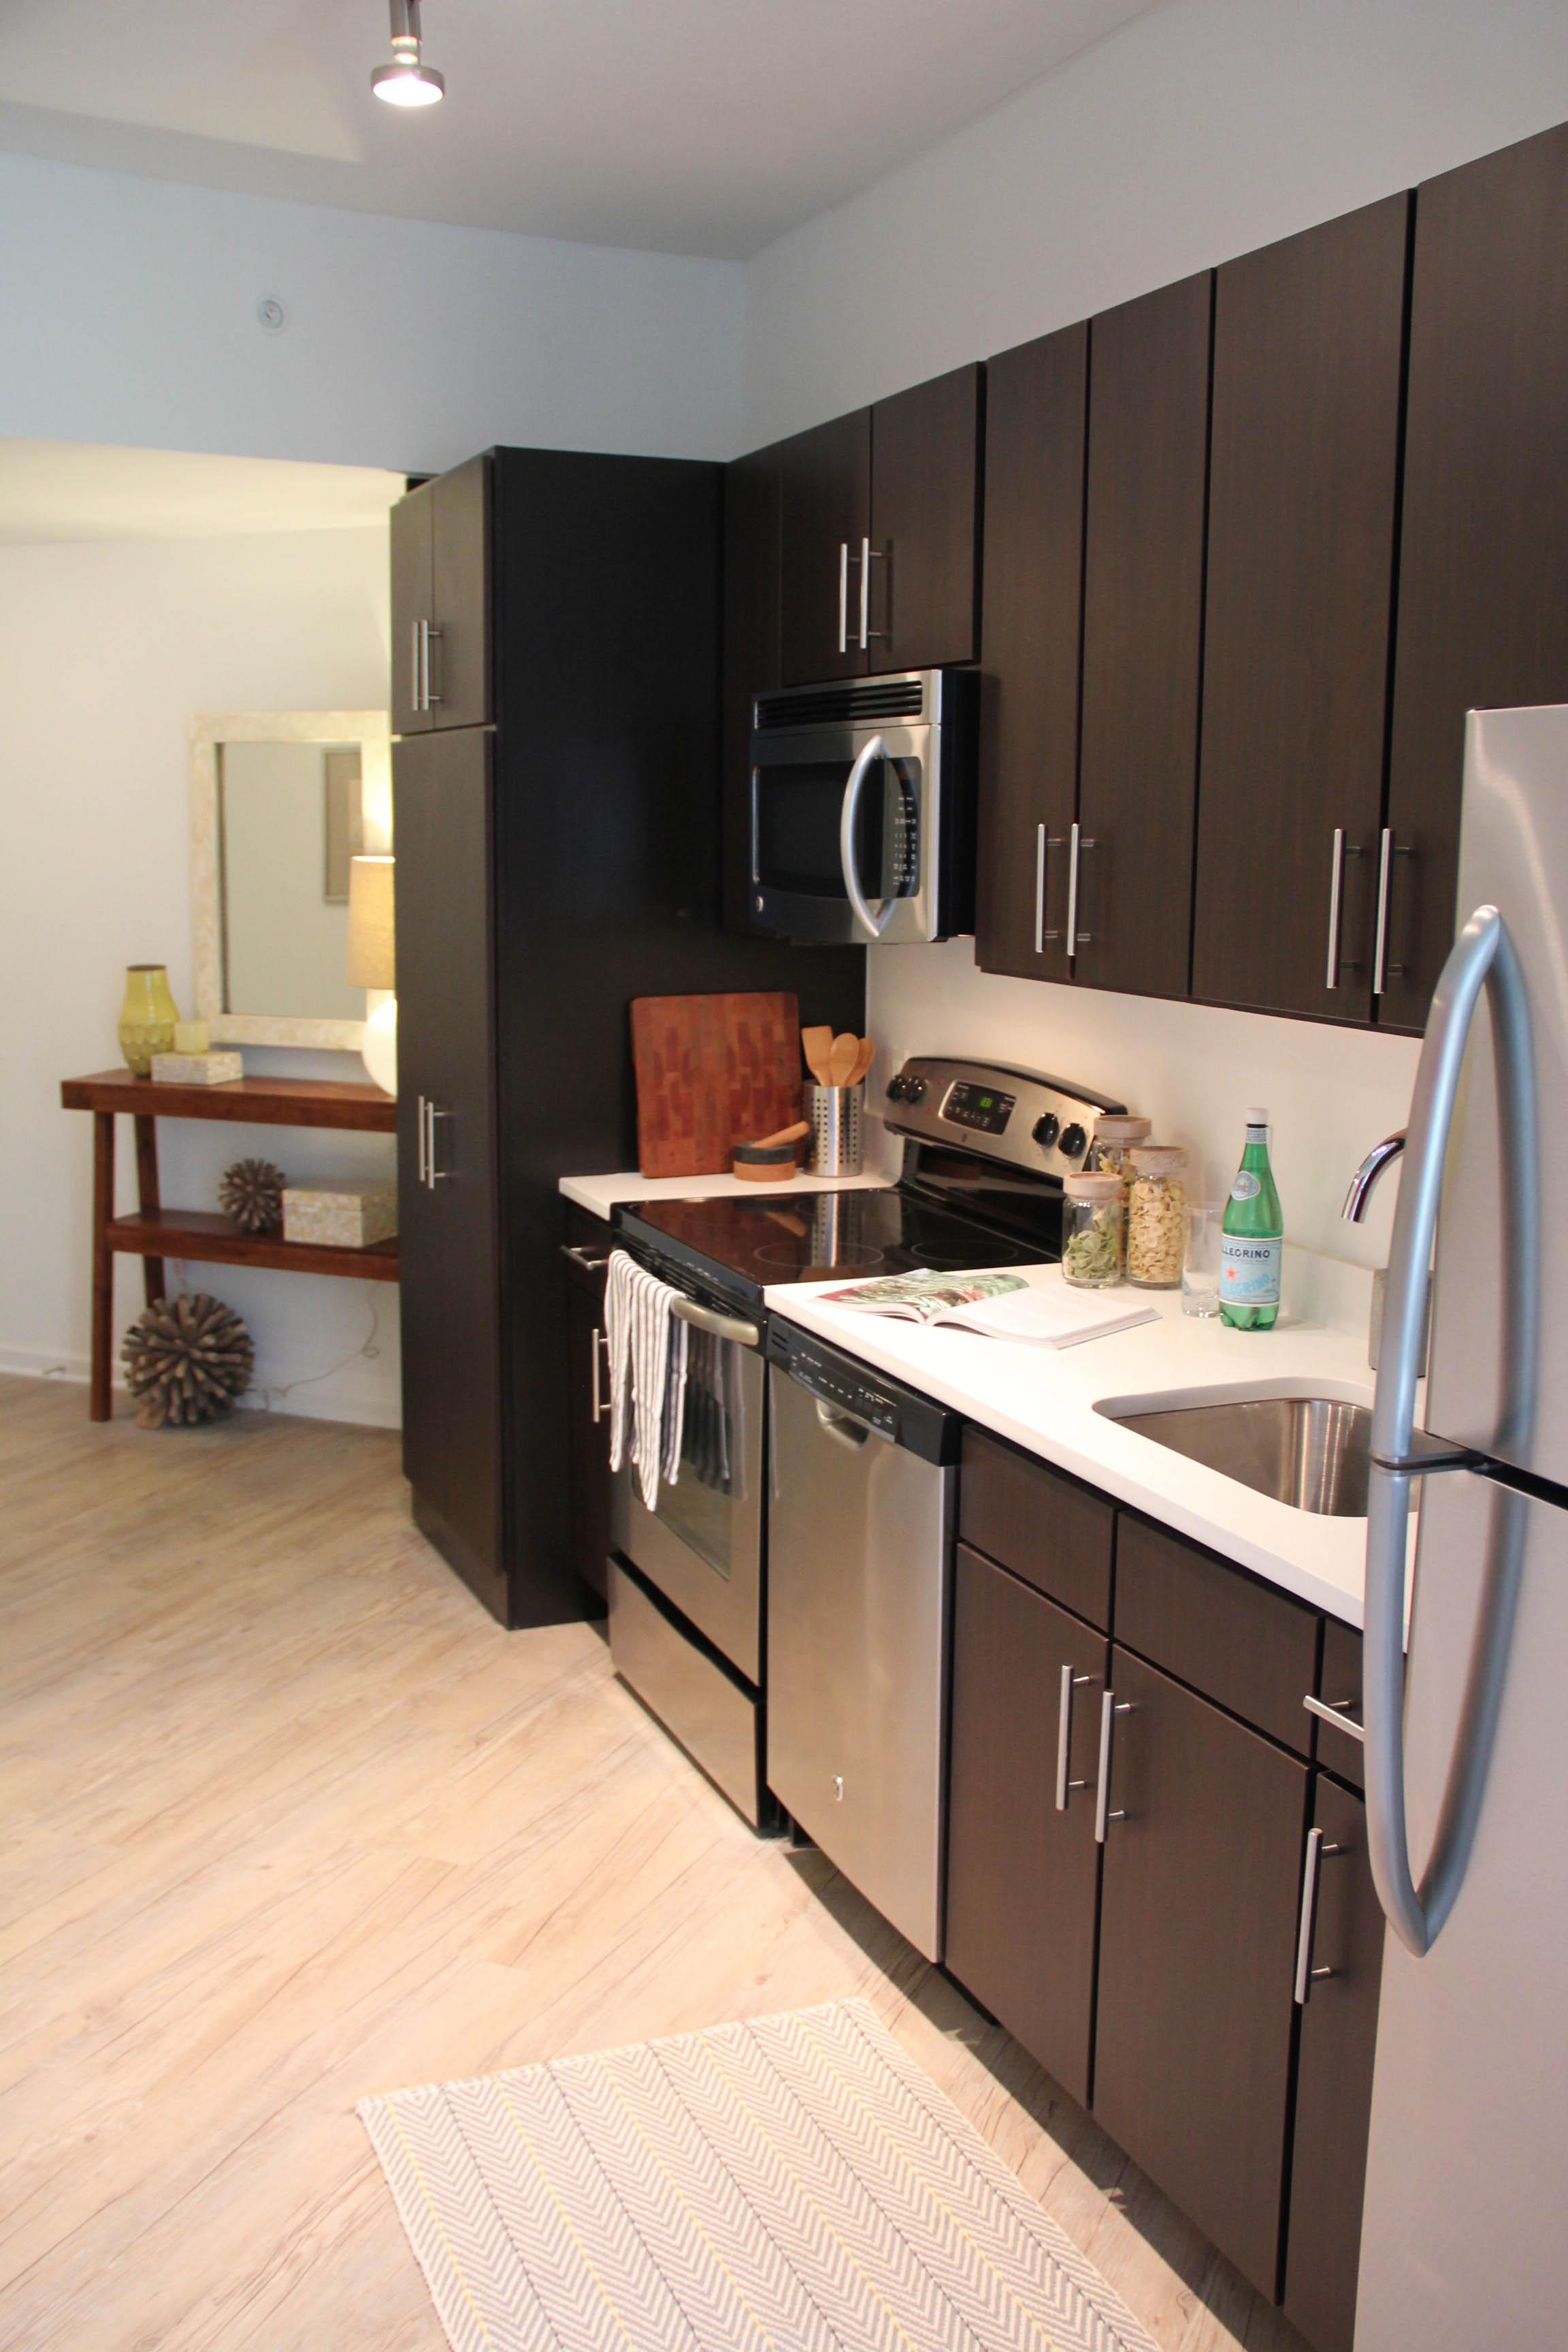 14W Apartments Open in U Street Neighborhood with Designer